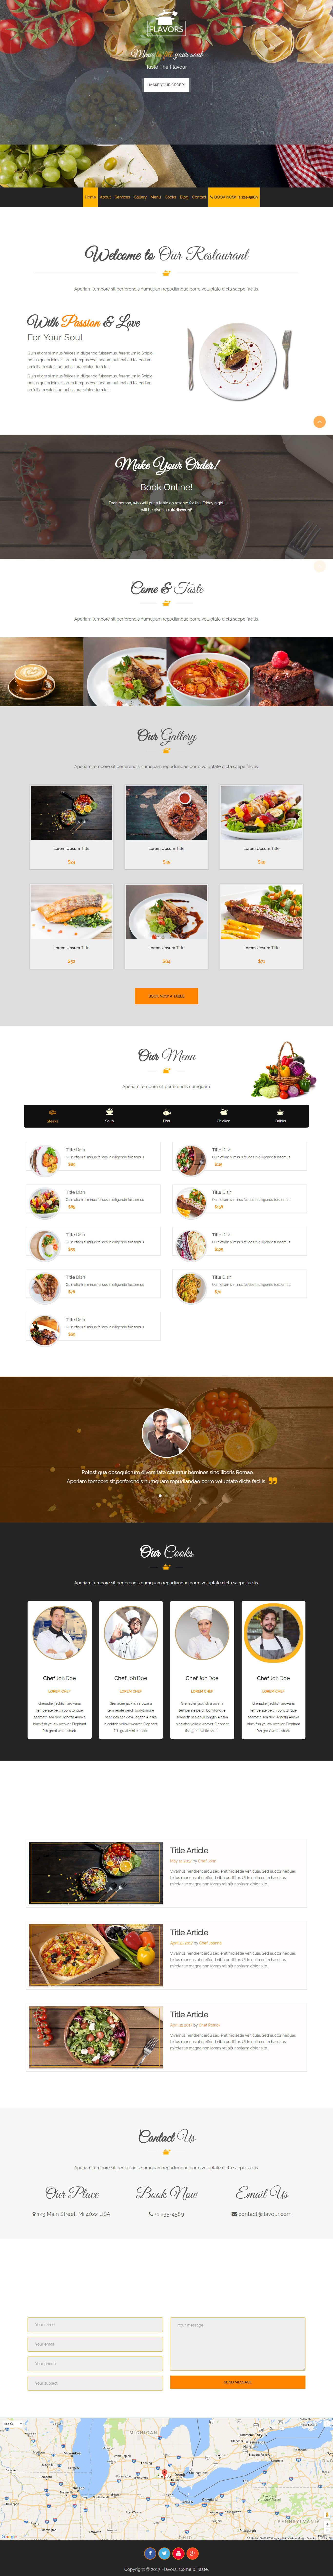 thiết kế website nhà hàng đông xuyên